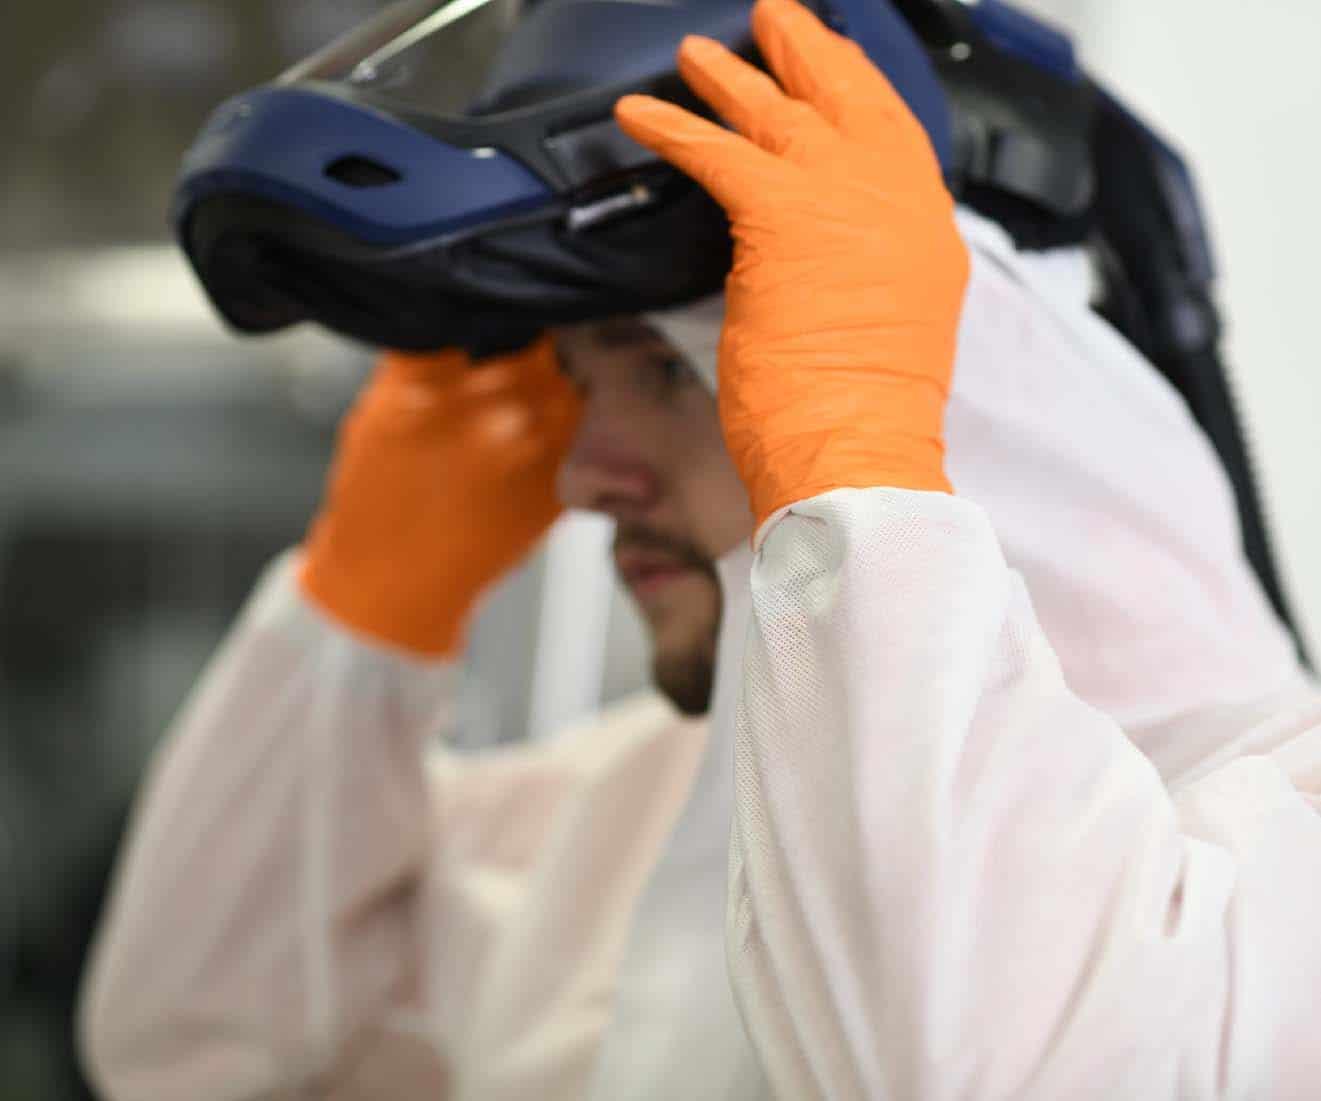 Mitarbeiter Chemie in Schutzkleidung, Employer Branding für Excella, Pharma, Webdesign, Karriereseite, Social-Media, Recruiting